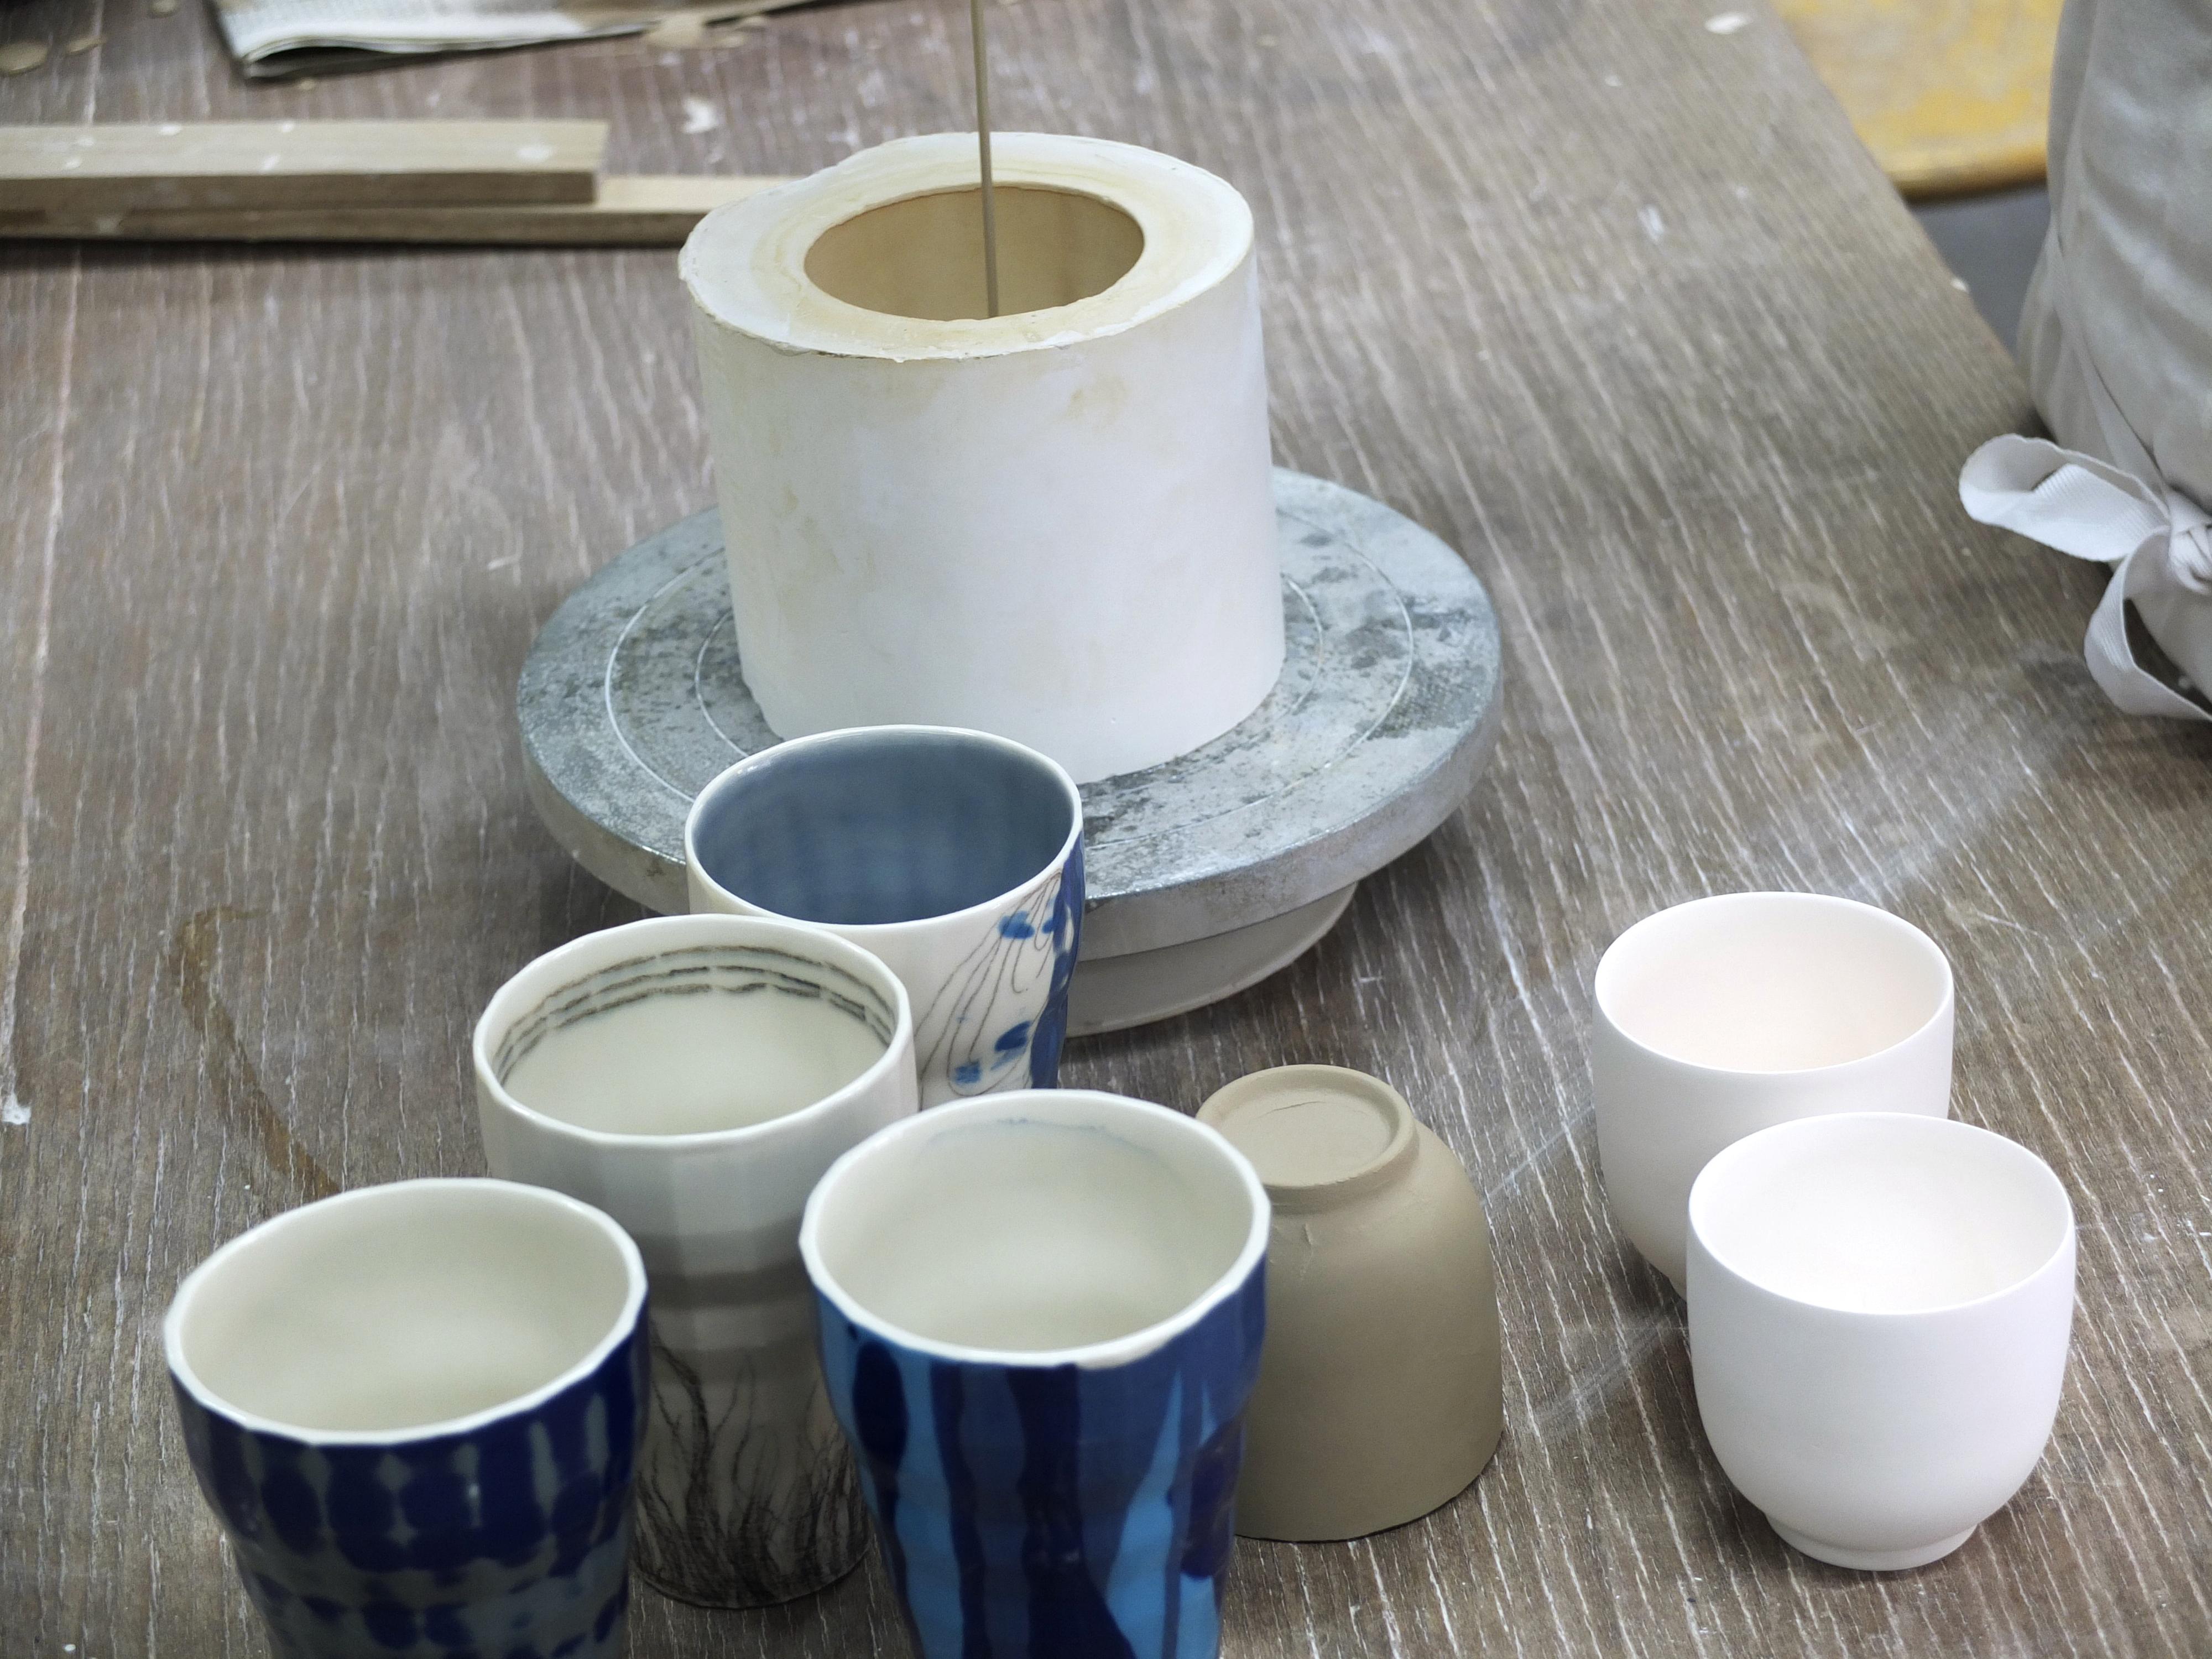 porzellan giessen gipsformen herstellen keramikwerk. Black Bedroom Furniture Sets. Home Design Ideas